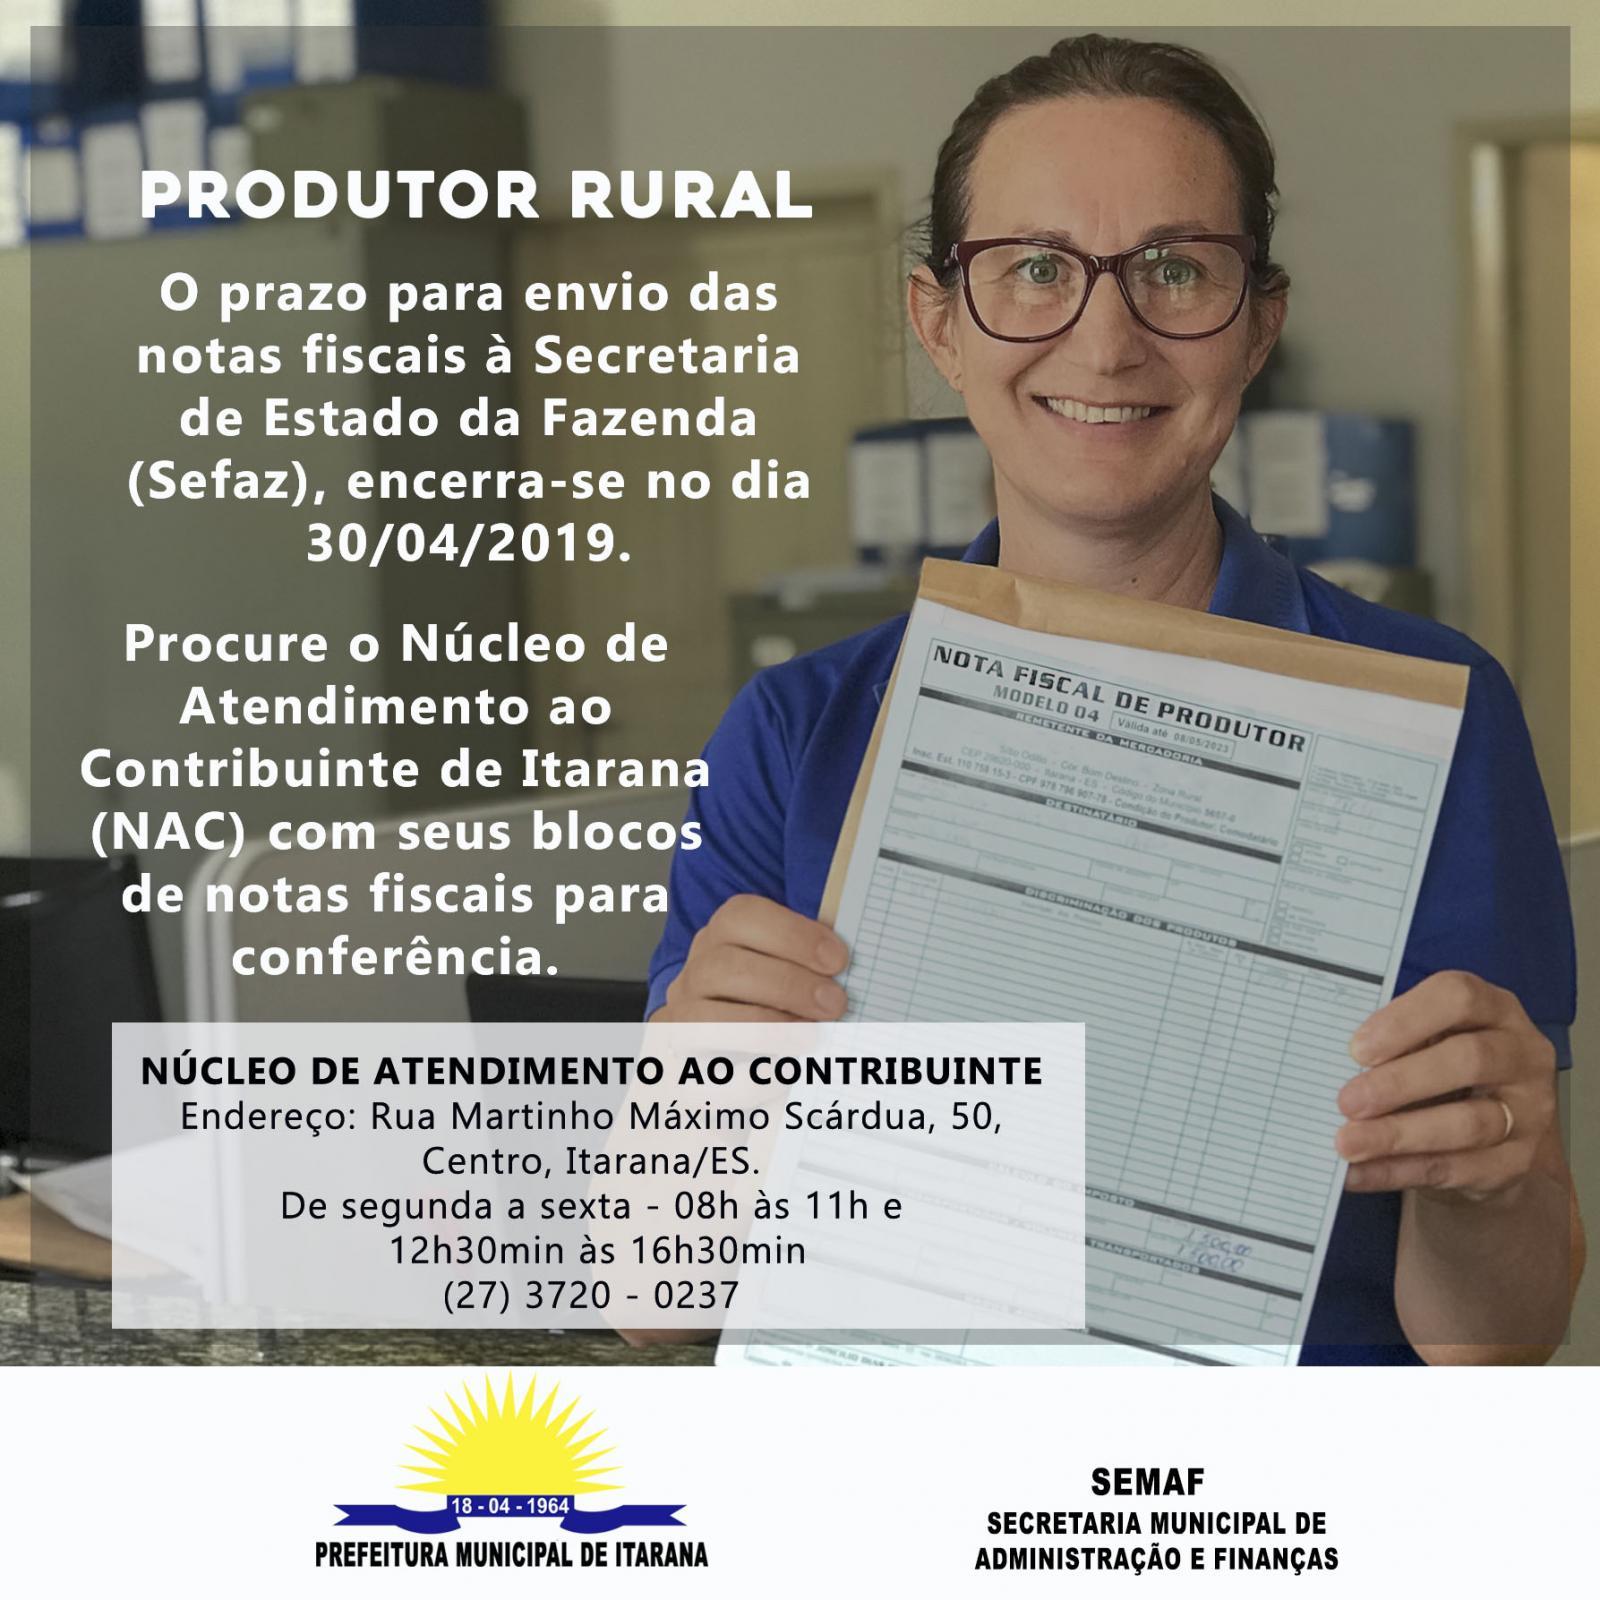 Produtores rurais têm até o dia 30 de abril para apresentar bloco de notas